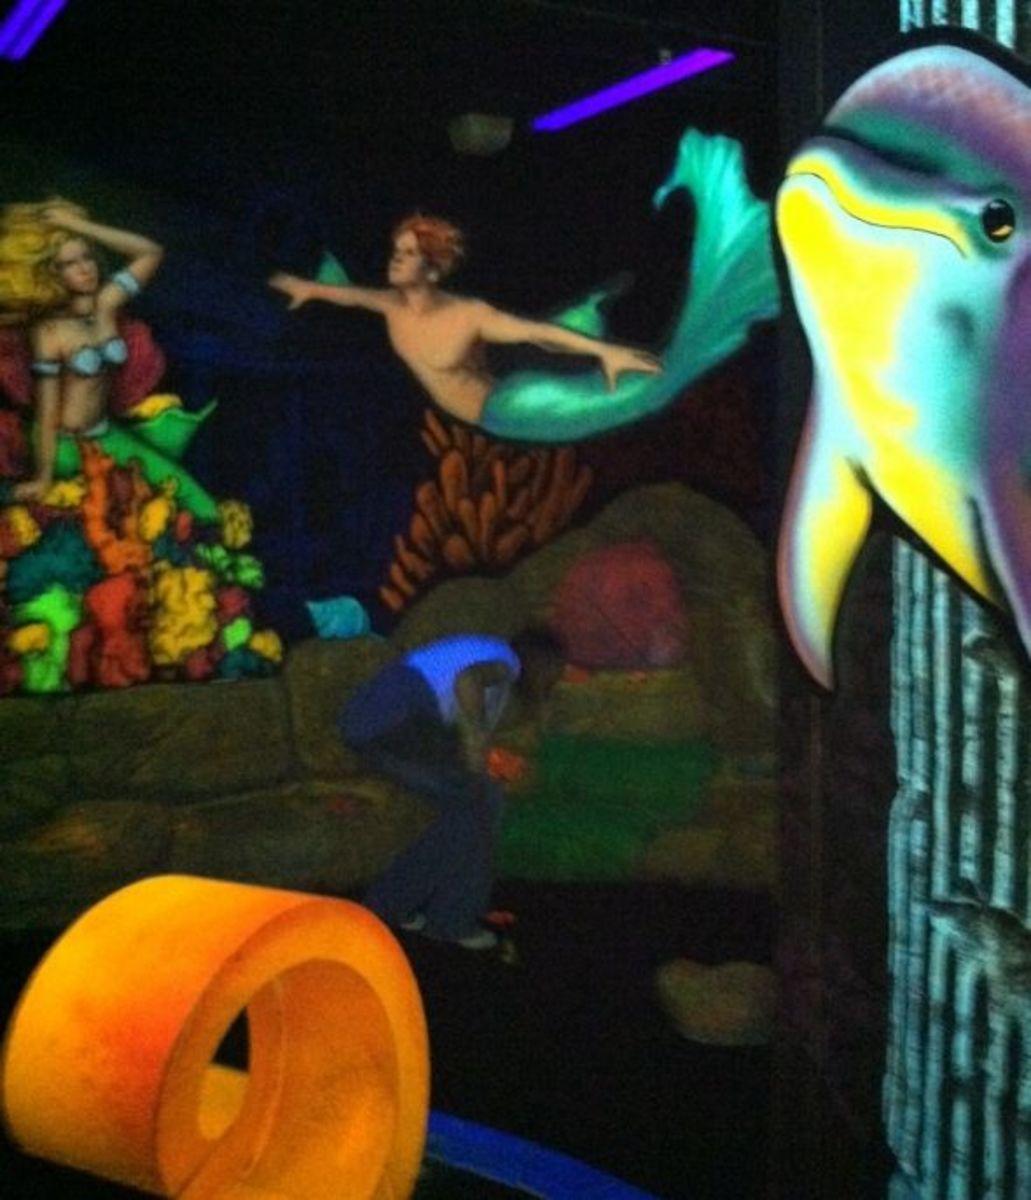 Mermen and mermaids everywhere!